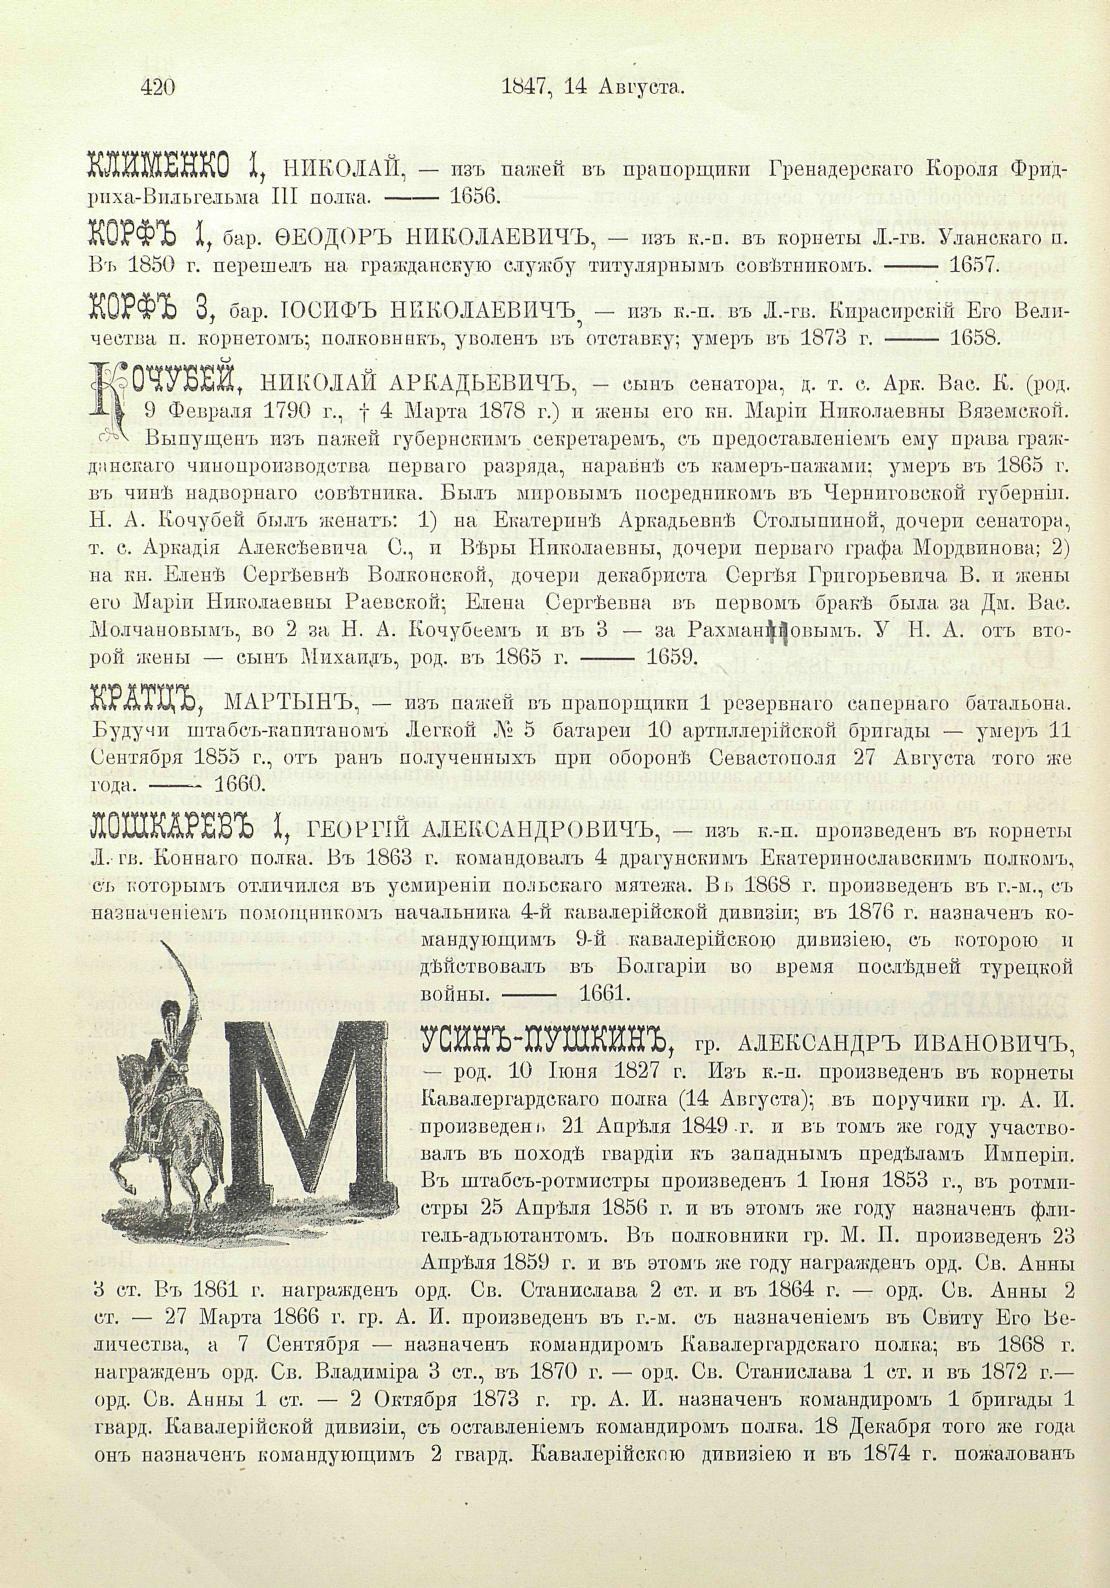 Пажи-за-185-лет-Биографии-и-портреты-бывших-пажей-1711—1896-Санкт-Петербург-1896.-С.-420